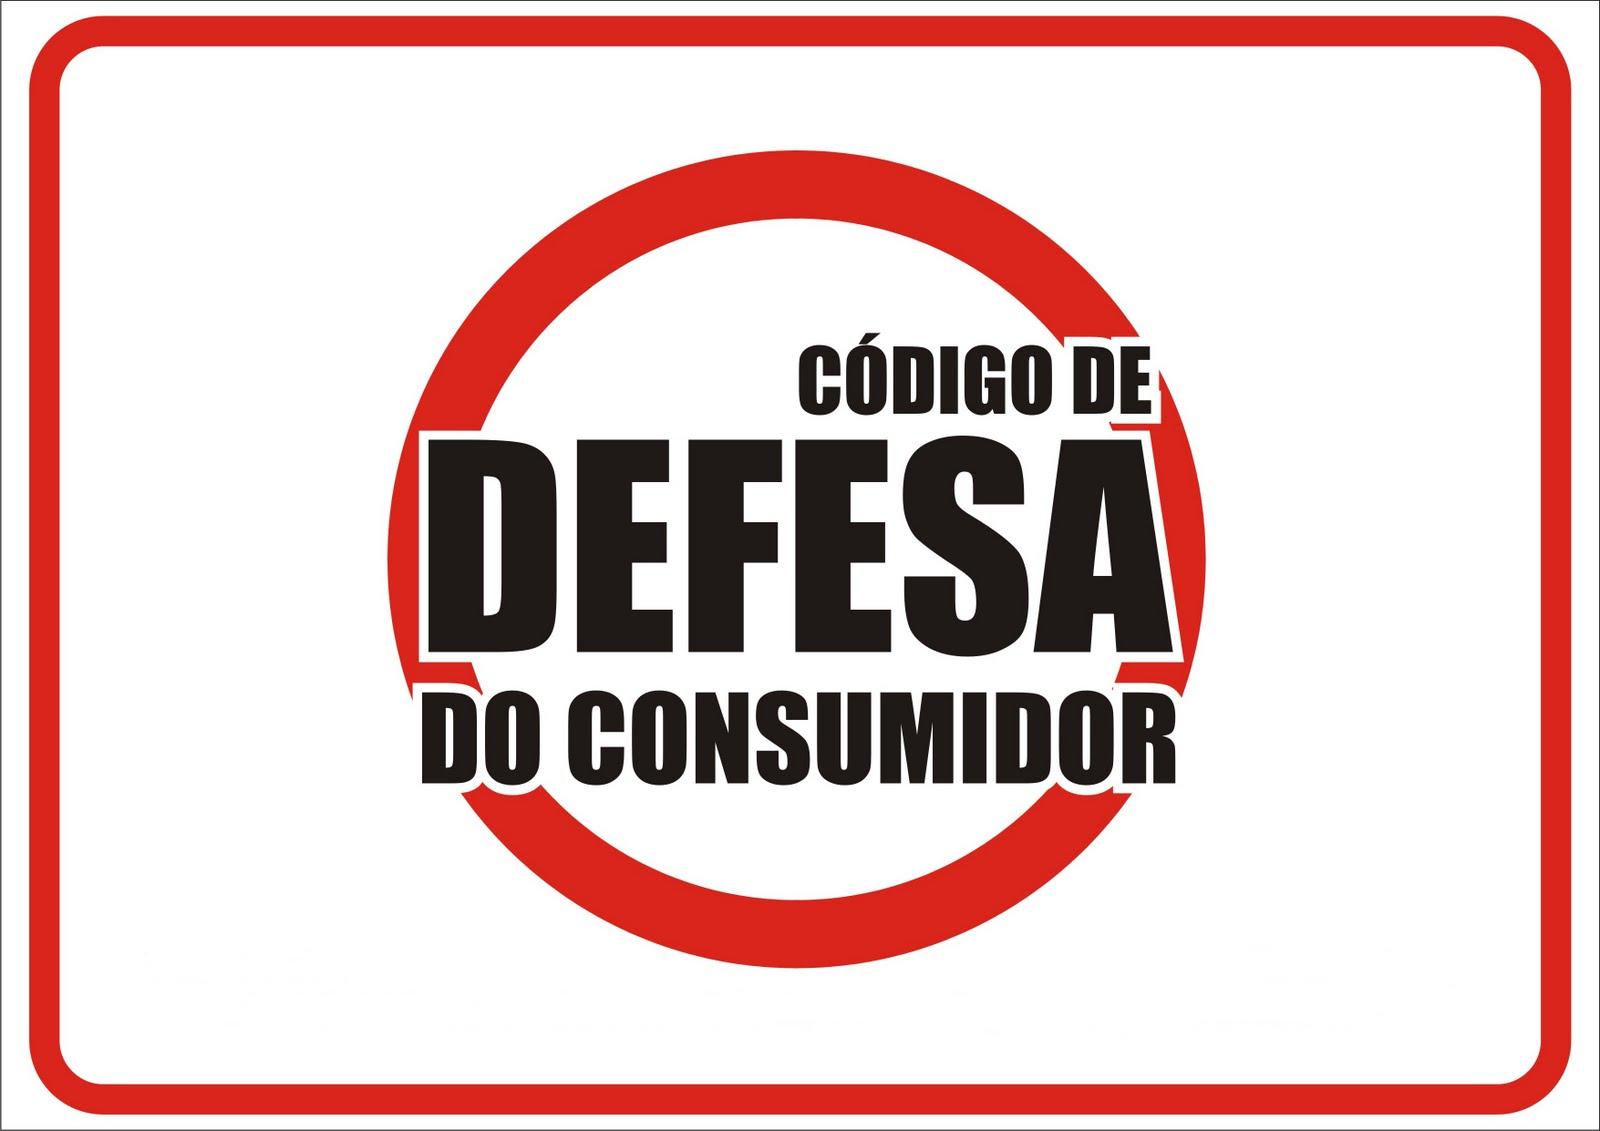 sebrae mercados, floricultura, código de defesa do consumidor